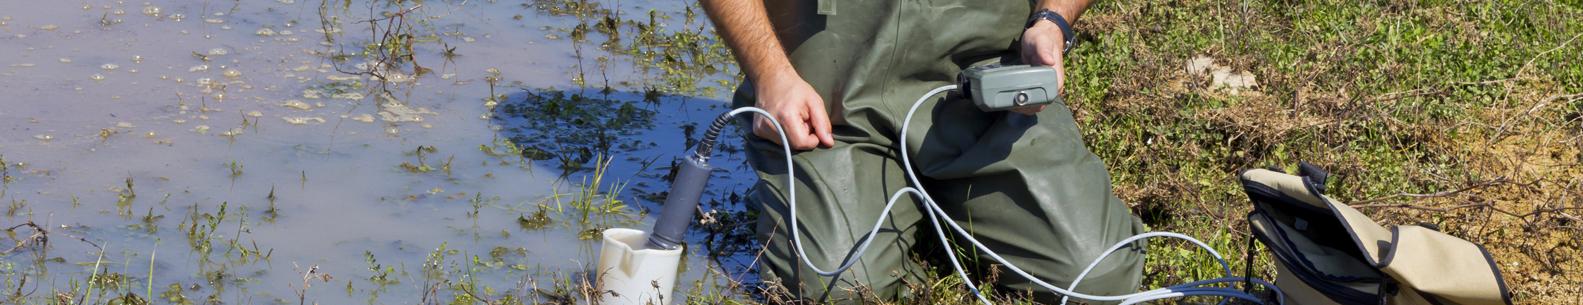 Vandens kokybės matuokliai  Vandens kokybės matuokliai ieškantiems aukštos kokybės, tikslaus matavimo prietaiso